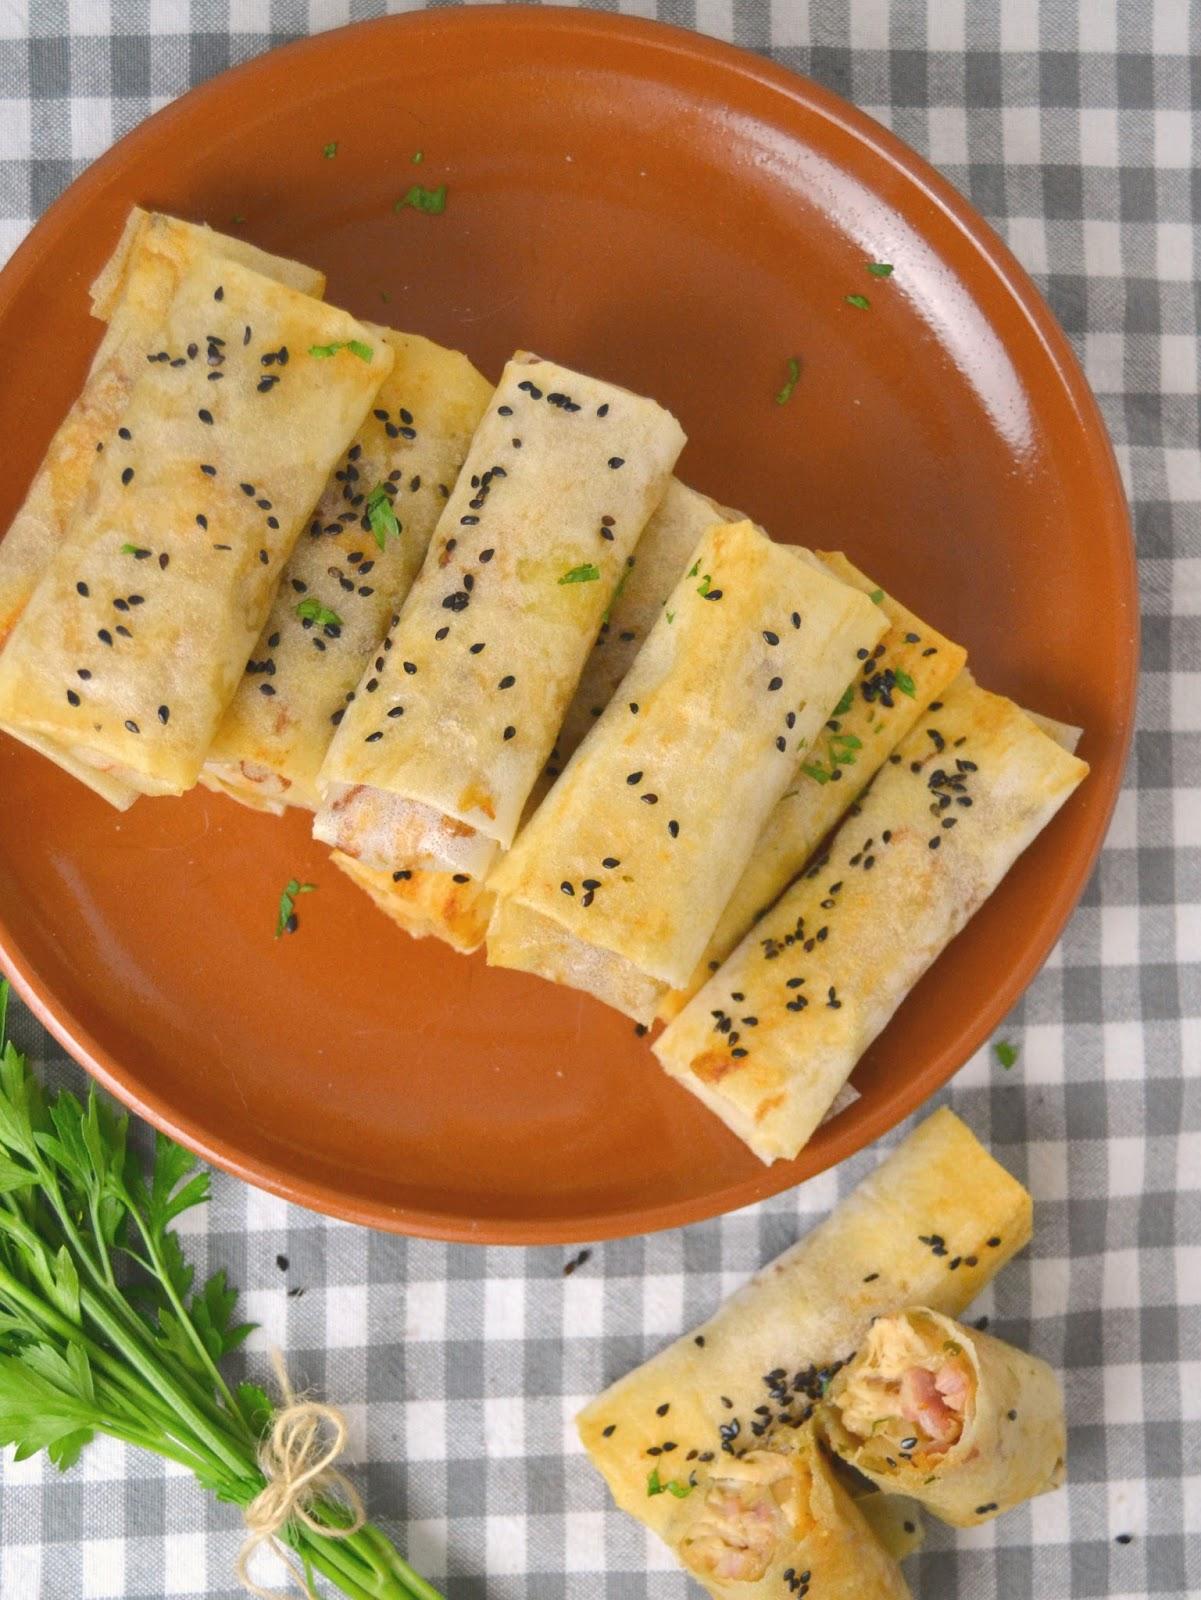 Rollitos de pollo, queso y bacon ¡Una receta de aprovechamiento deliciosa!